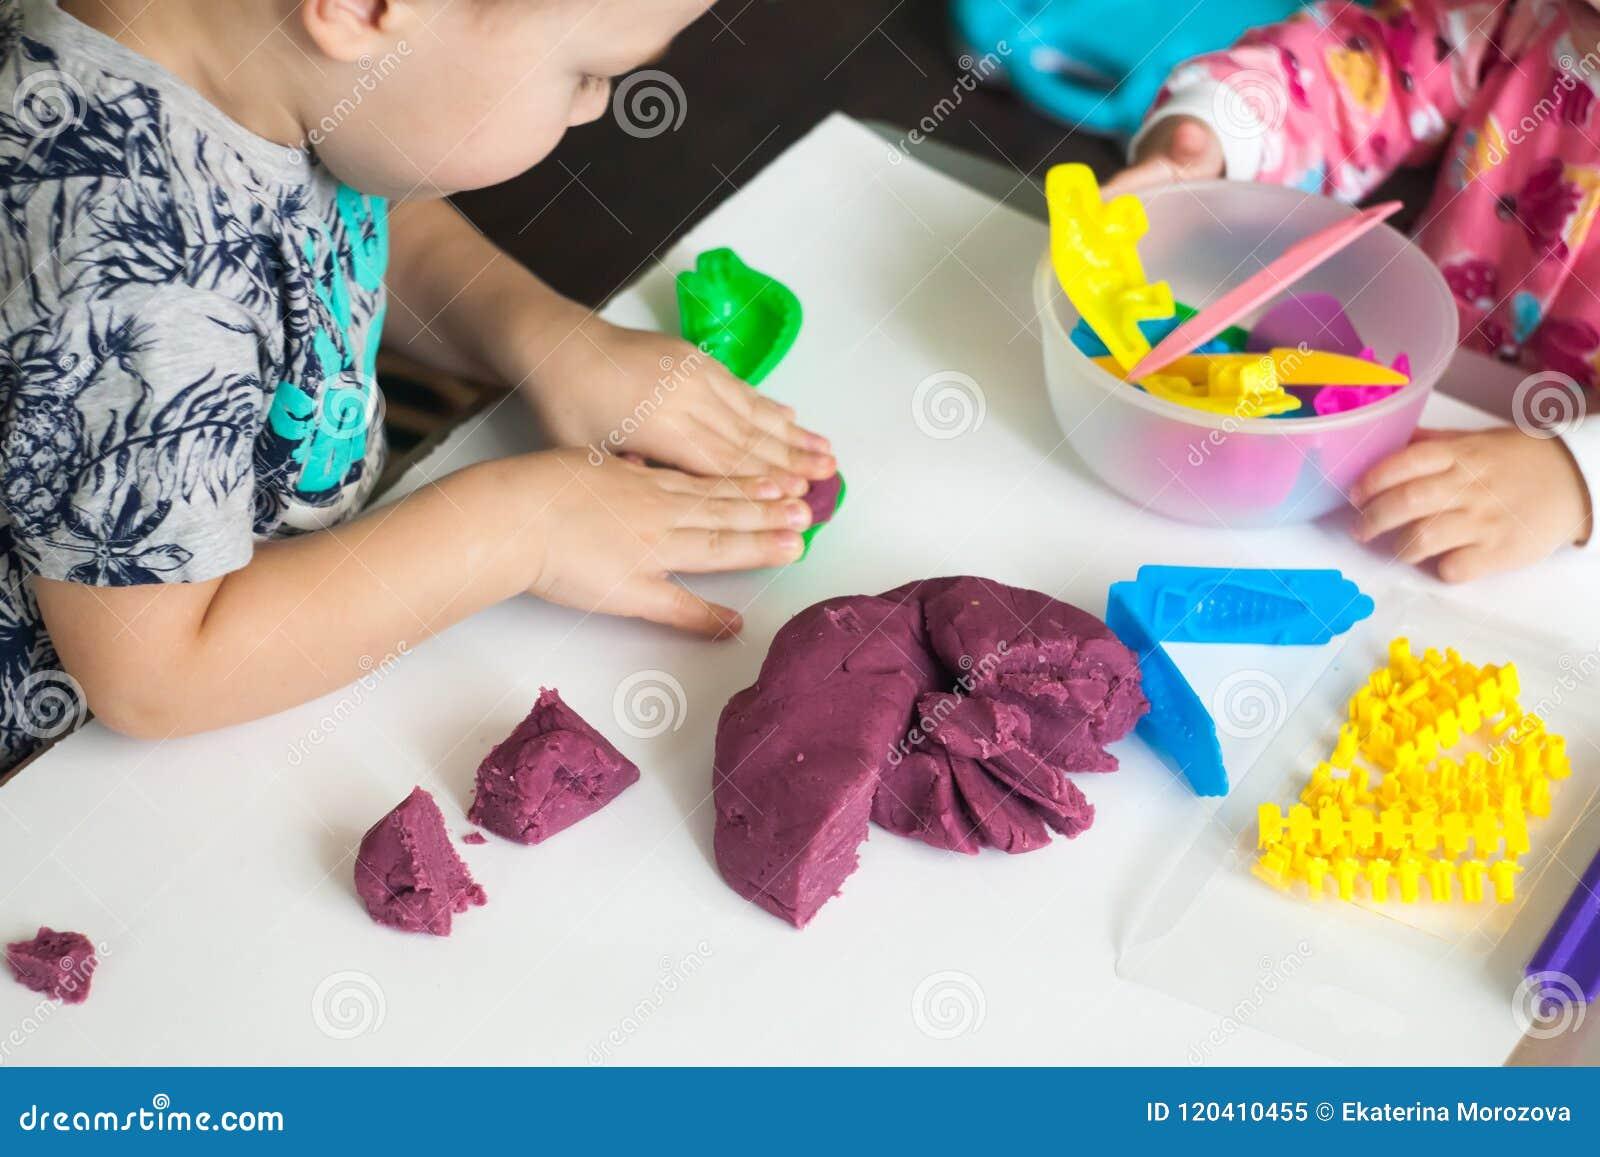 急切孩子的艺术疗法,治疗重音释放,五颜六色的面团与变化模子形状的戏剧,为提高想象力